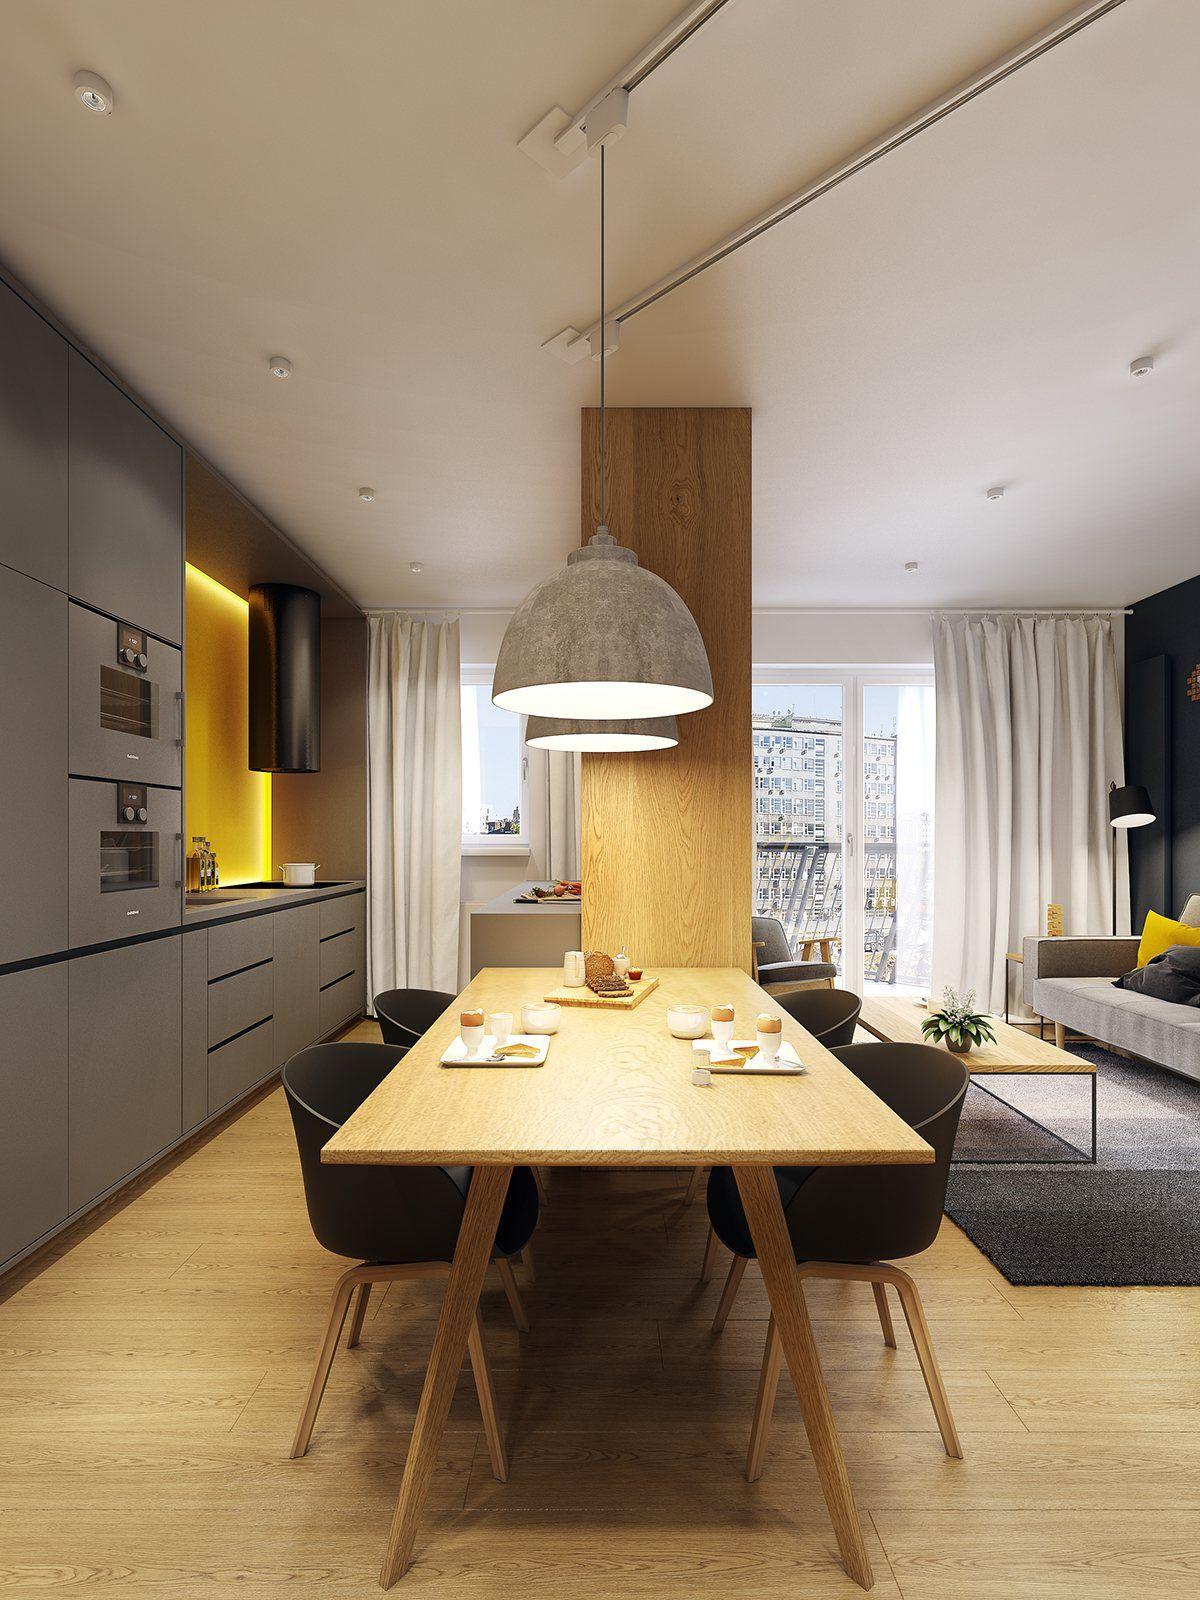 Appartement moderne scandinave ing nieux cuisines design - Amenagement cuisine salon ...